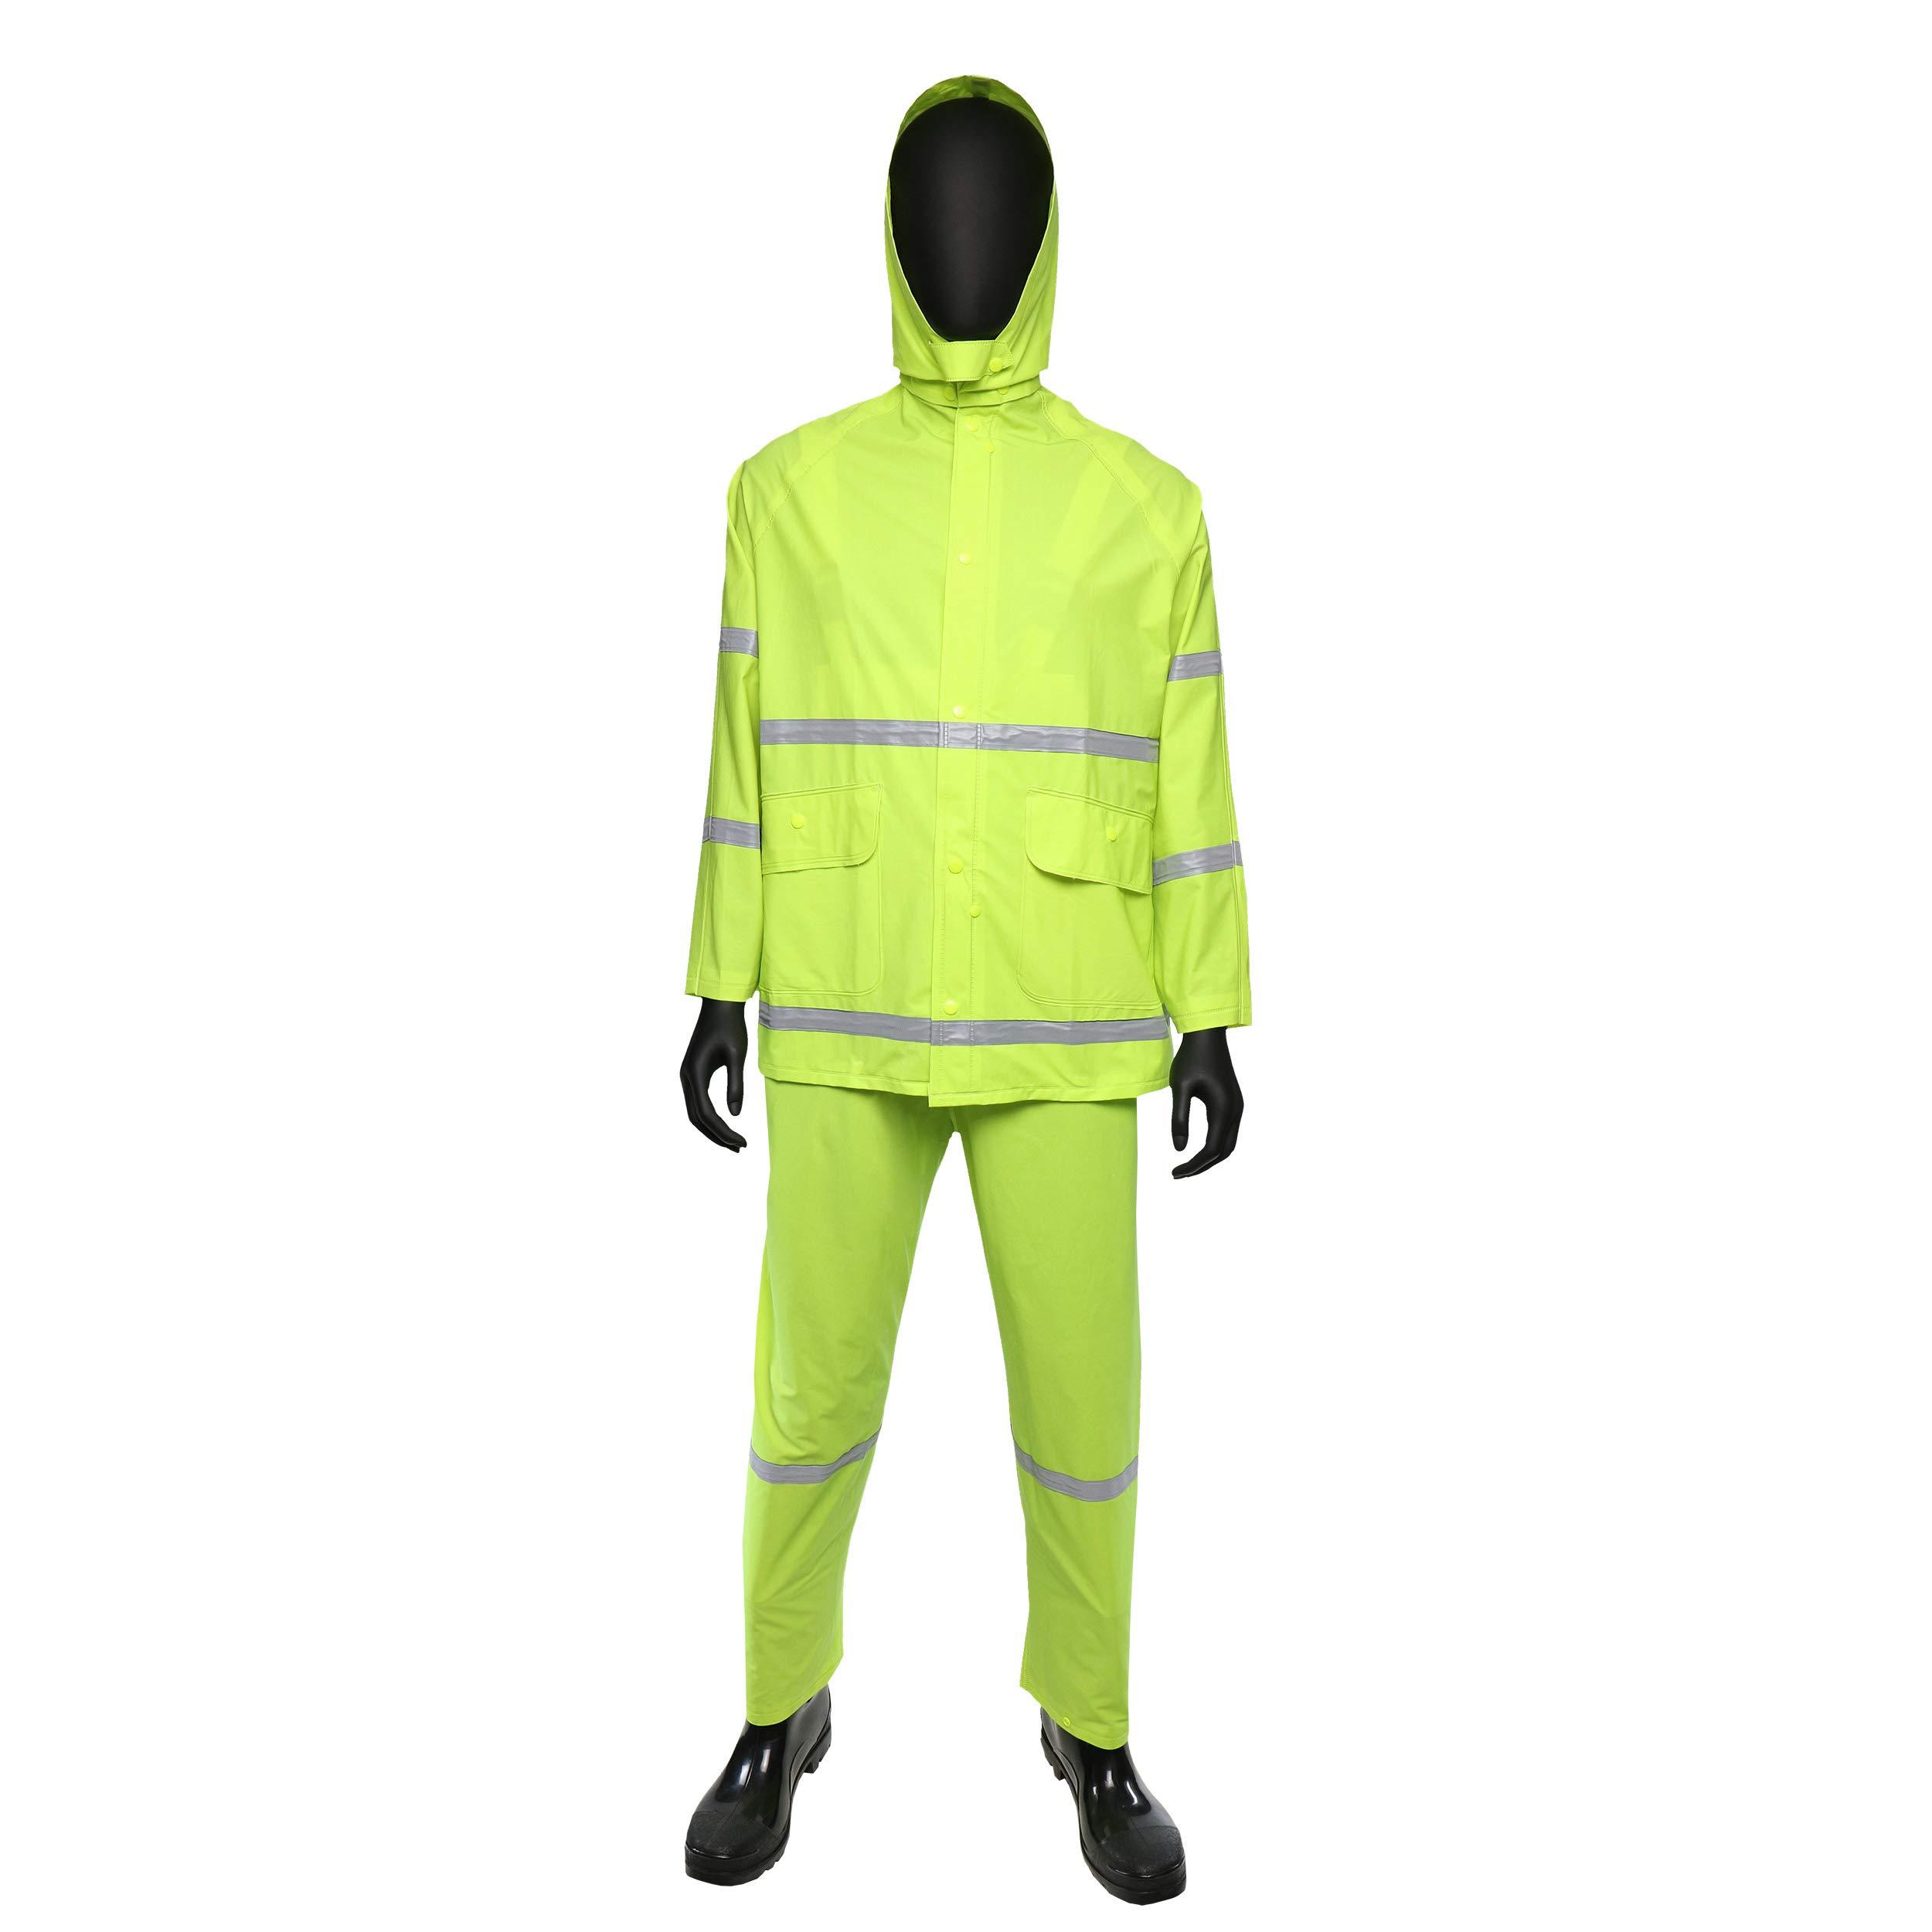 West Chester 4031 XX2XL 35 mil PVC Rain Suit Class 1, 4XL, Lime